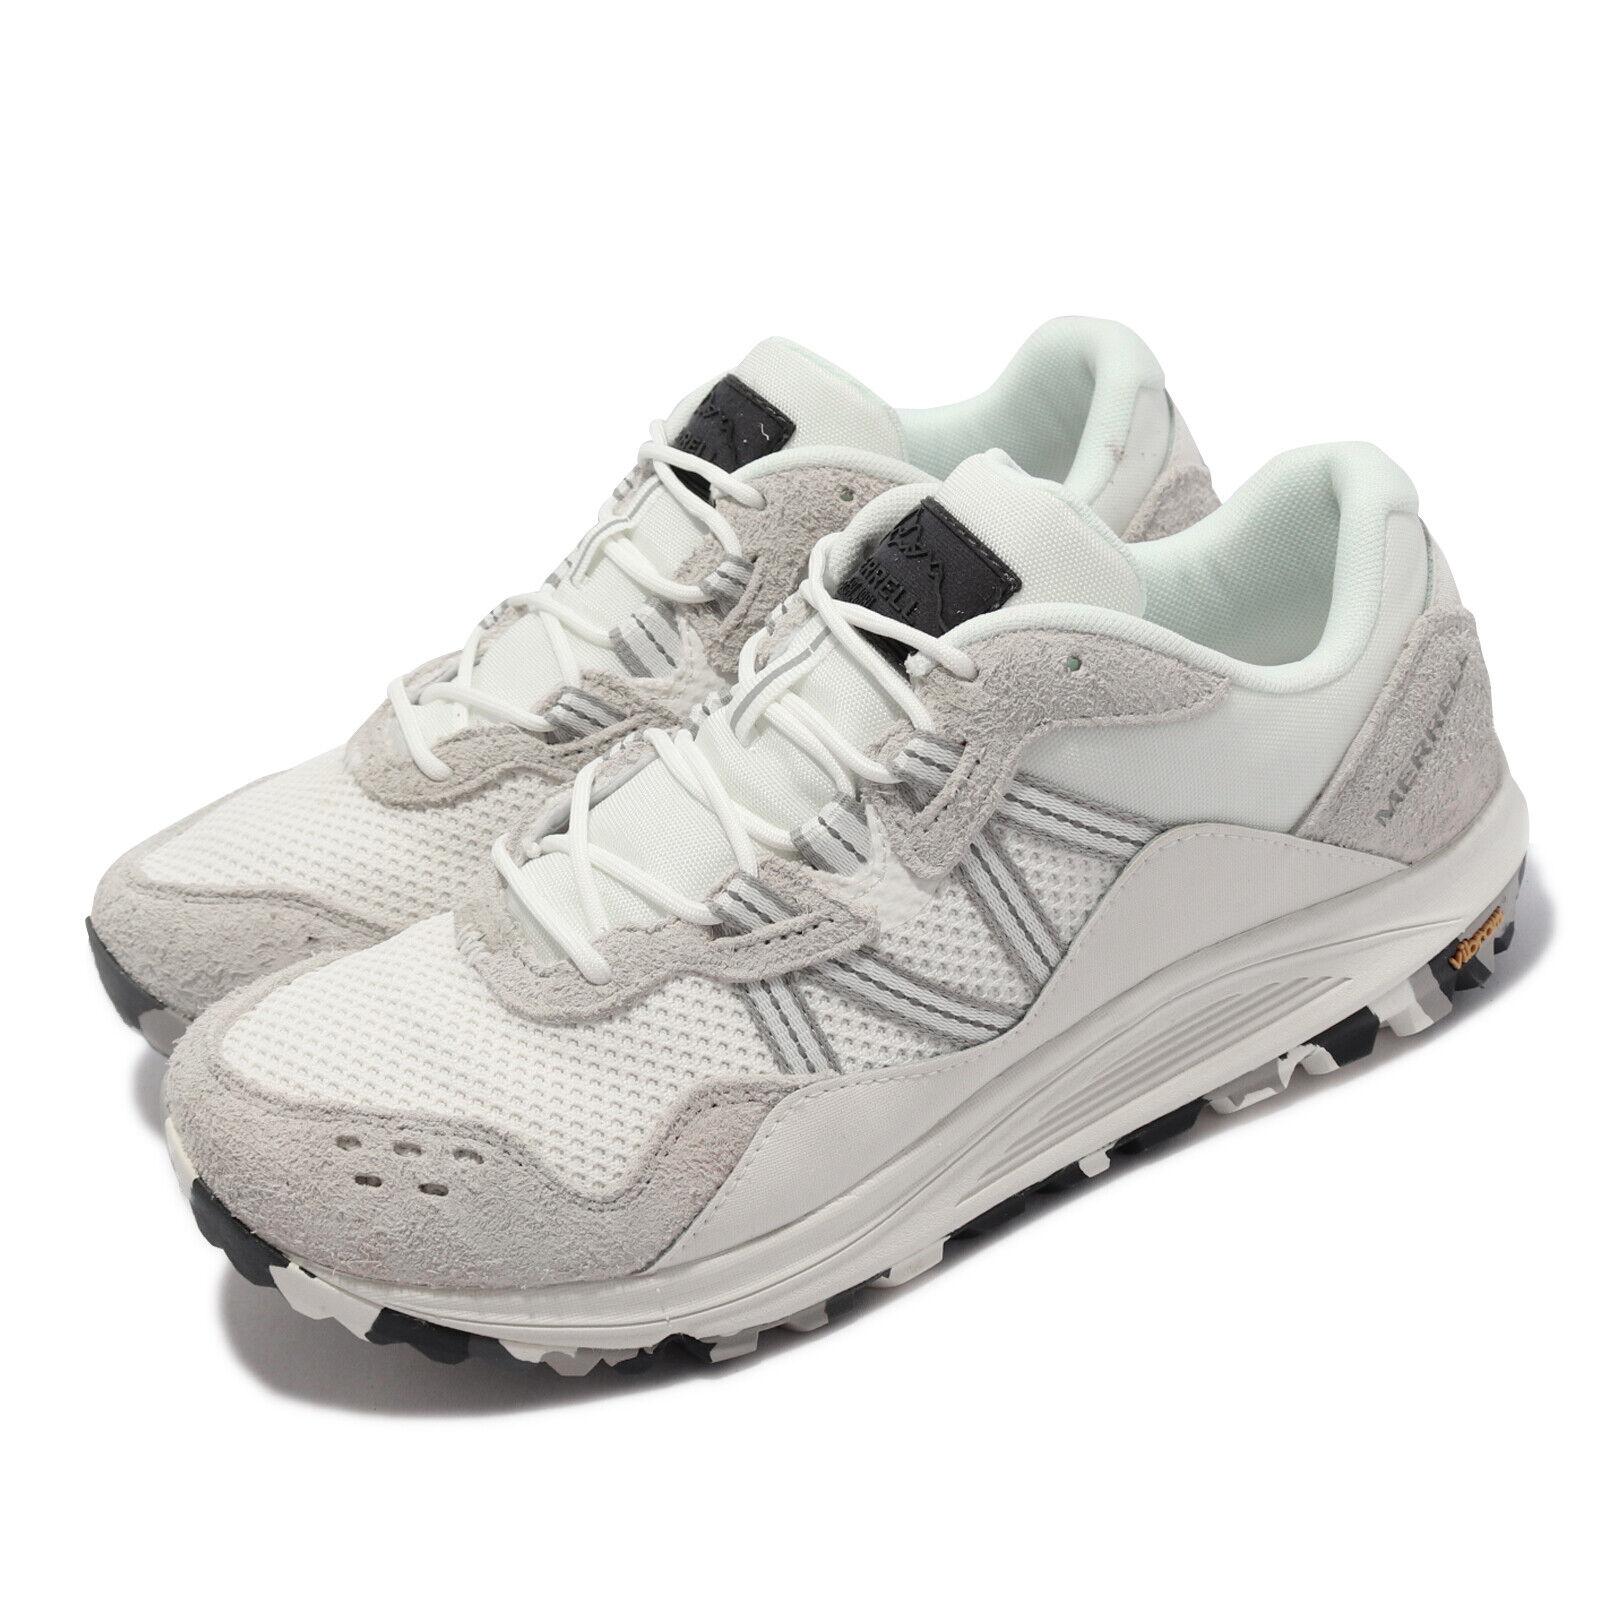 Merrell Nova Traveler JPN Vibram White Grey Men Outdoors Casual Shoes J066603